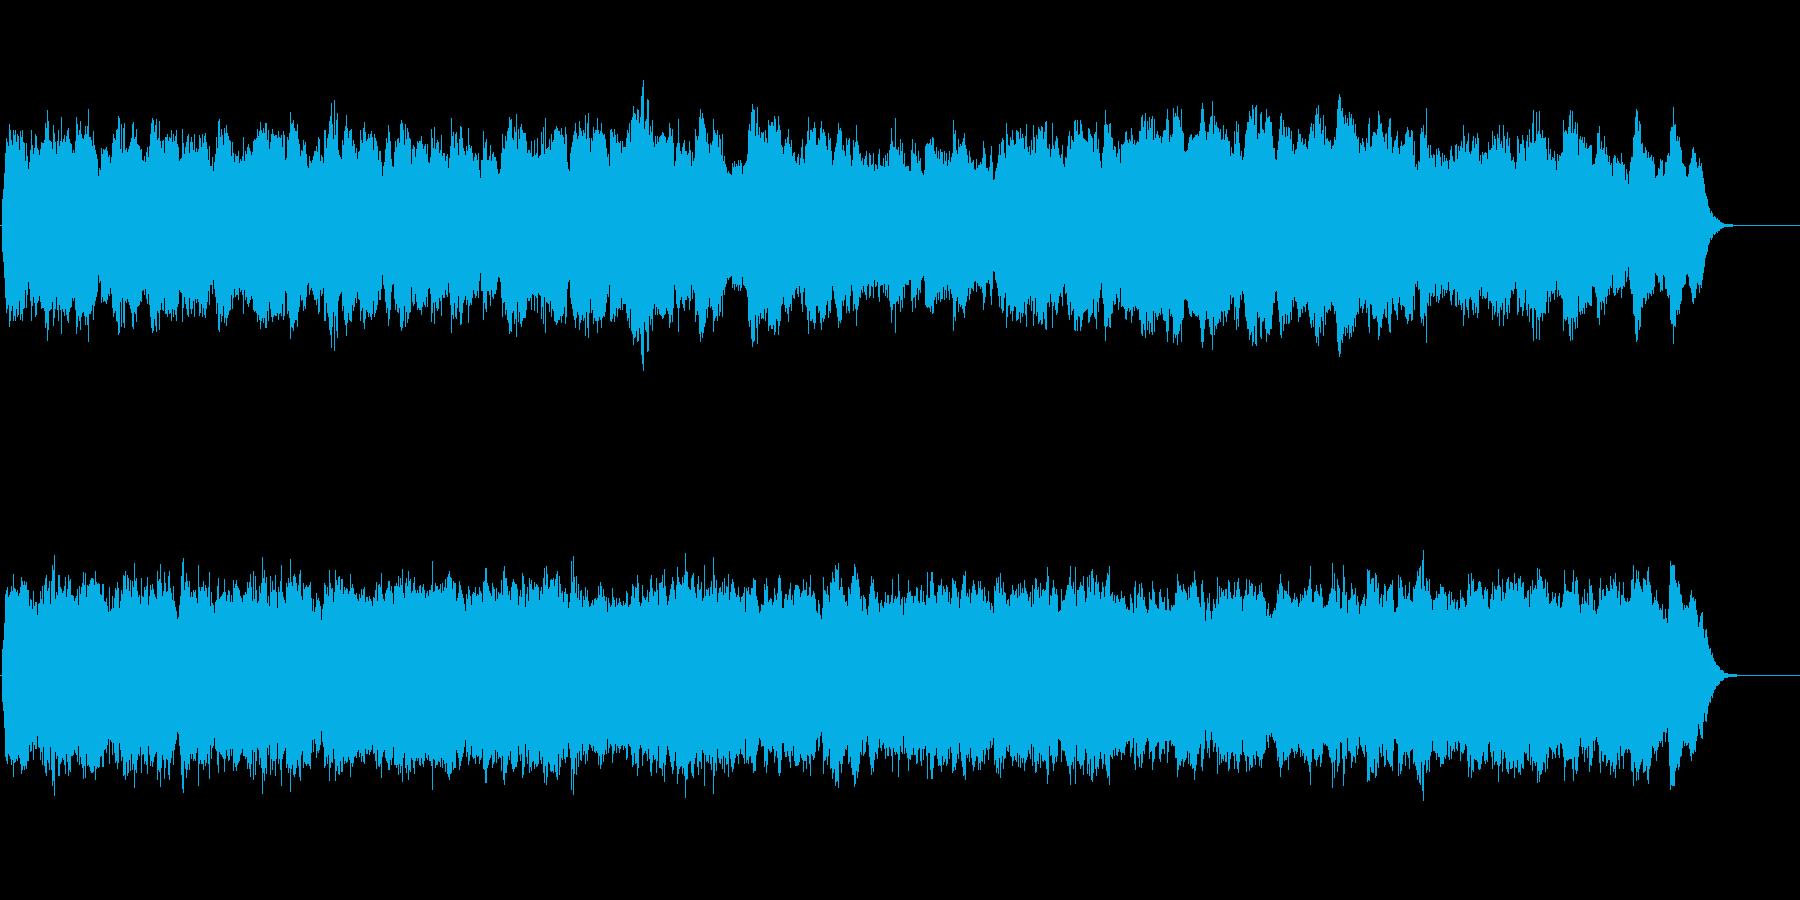 パイプオルガンの荘厳なオリジナル讃美歌の再生済みの波形